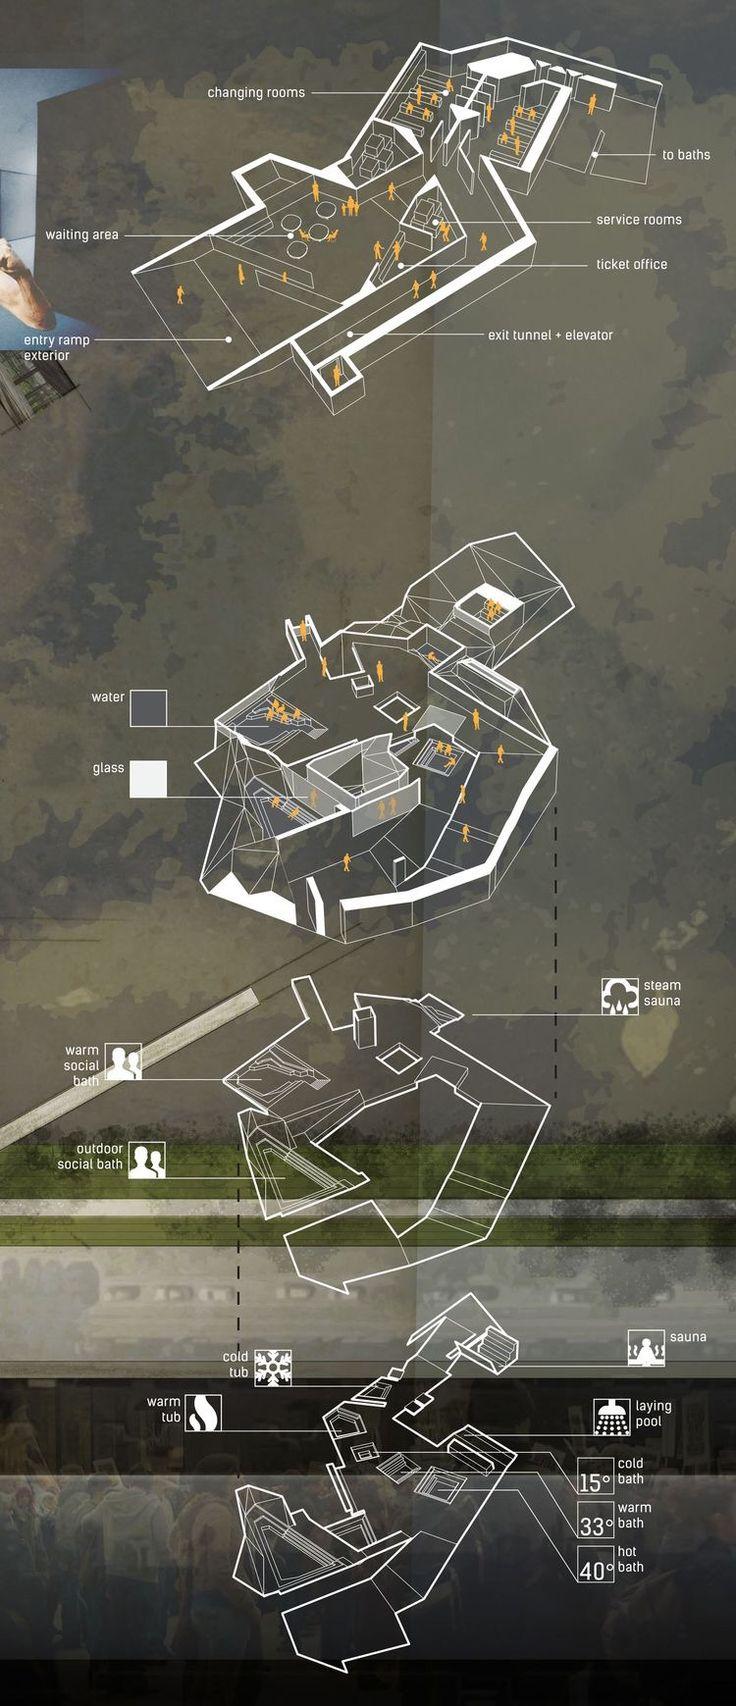 INSPIRATION BLOGBY LANDSCAPE ARCHITECTEVEN BAKKEN